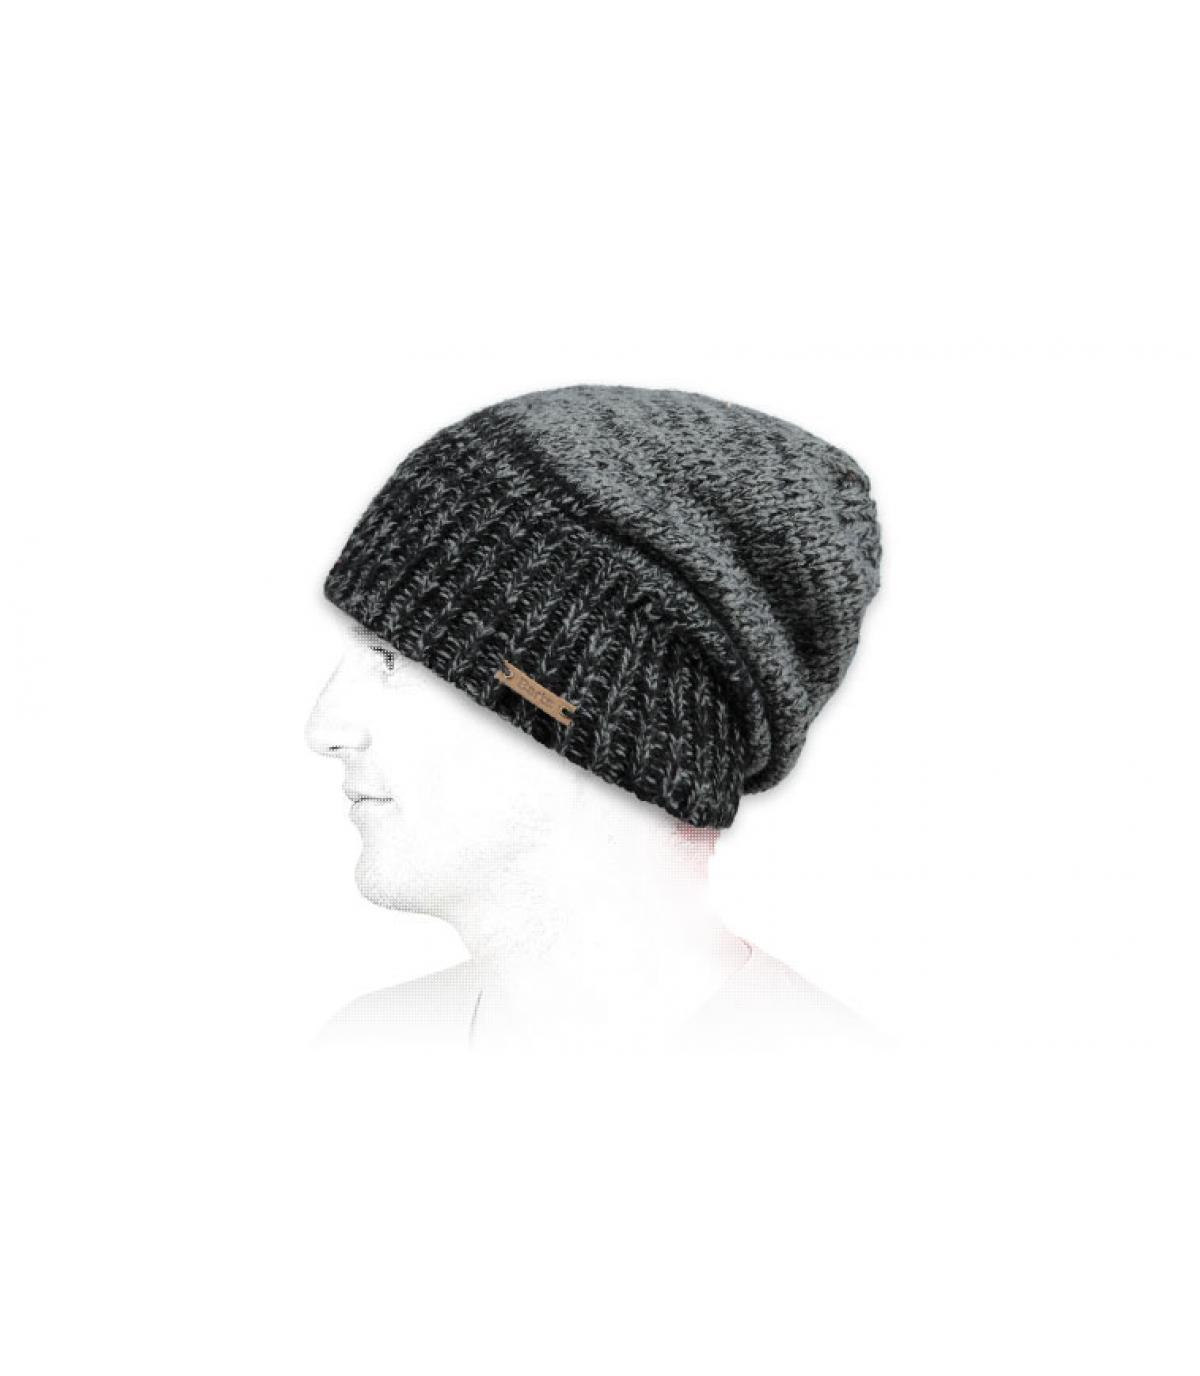 dd43cb424b6 Barts. bonnet long noir. Détails Brighton beanie black - image 3 ...